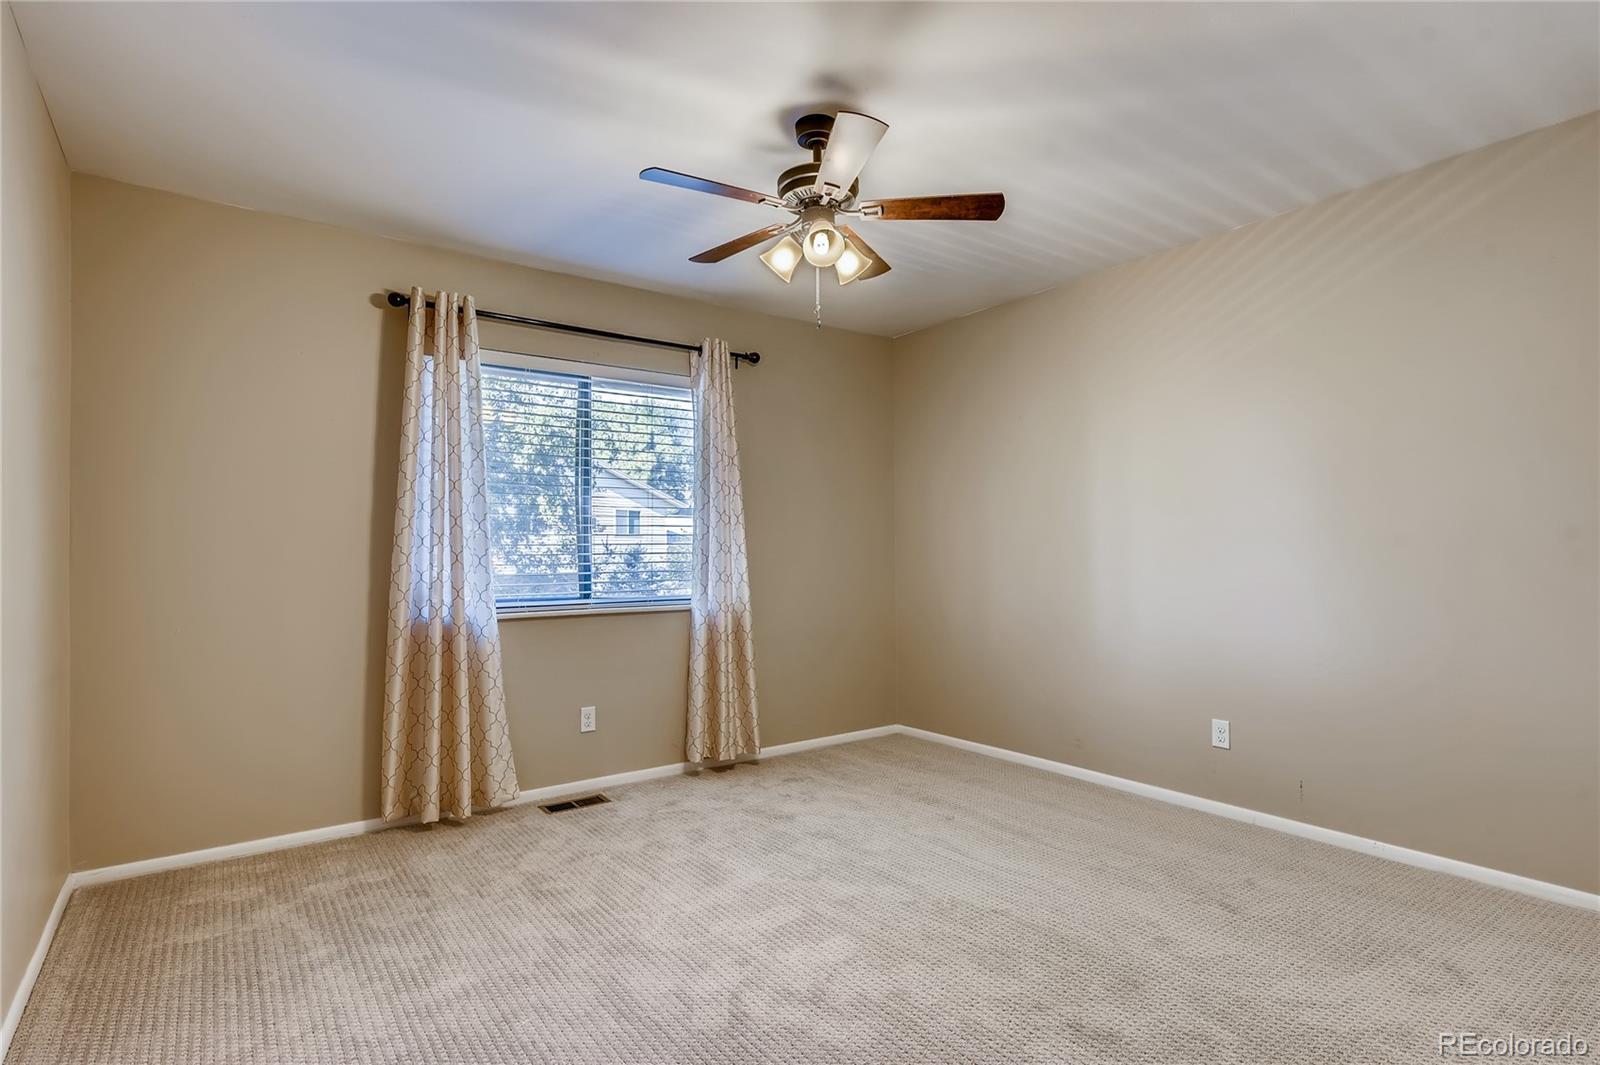 MLS# 6454303 - 20 - 13566 W Auburn Avenue, Lakewood, CO 80228